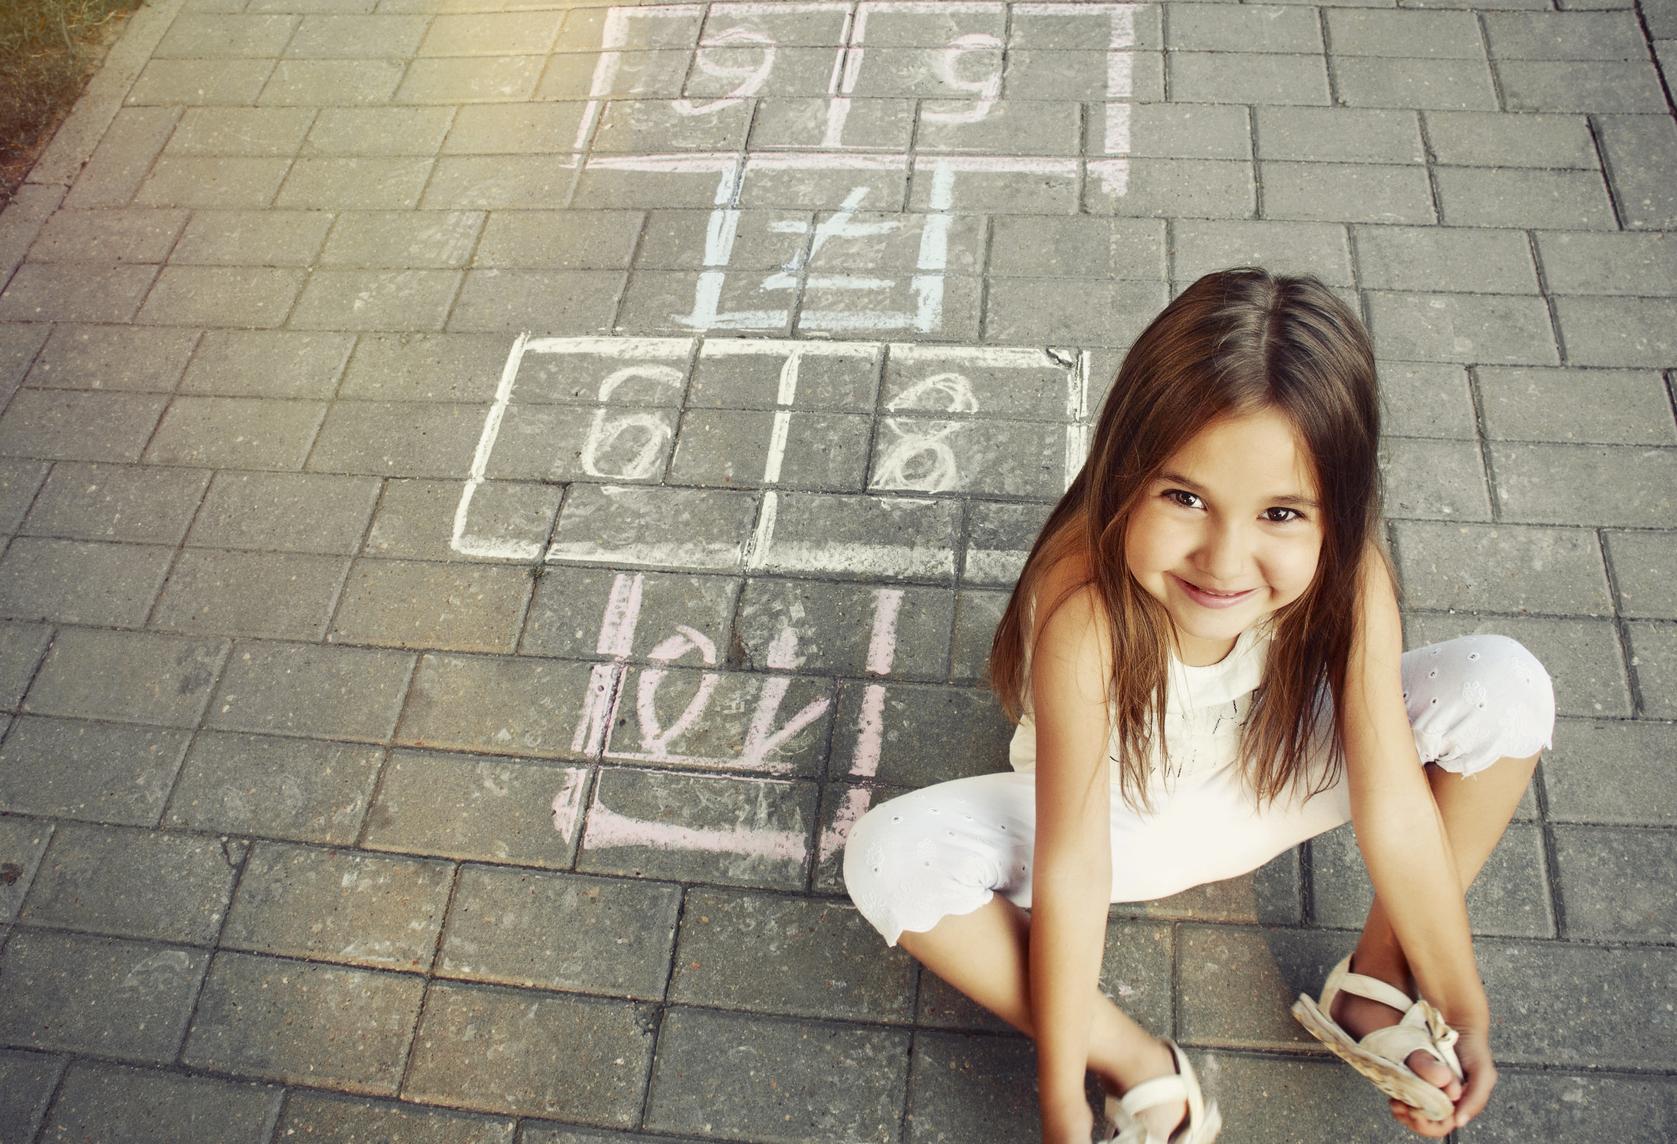 Casi la mitad de los niños pasa menos de una hora jugando al aire libre